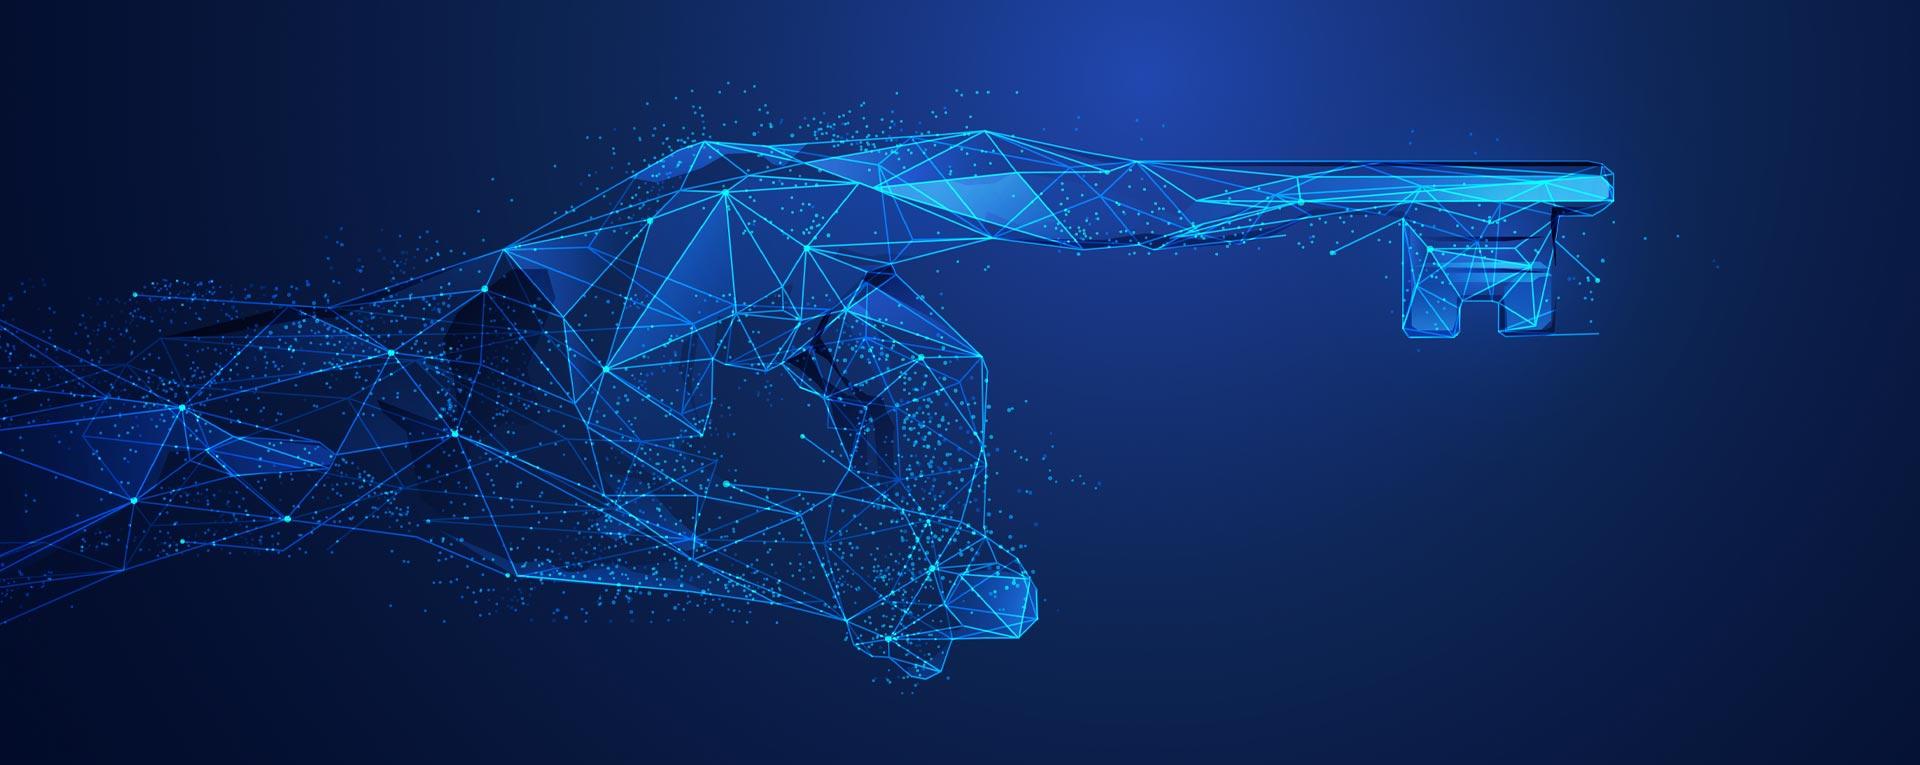 Digitalisering og digital transformasjon: Endre tilnærming for å takle stadig større utfordringer for bedriften din